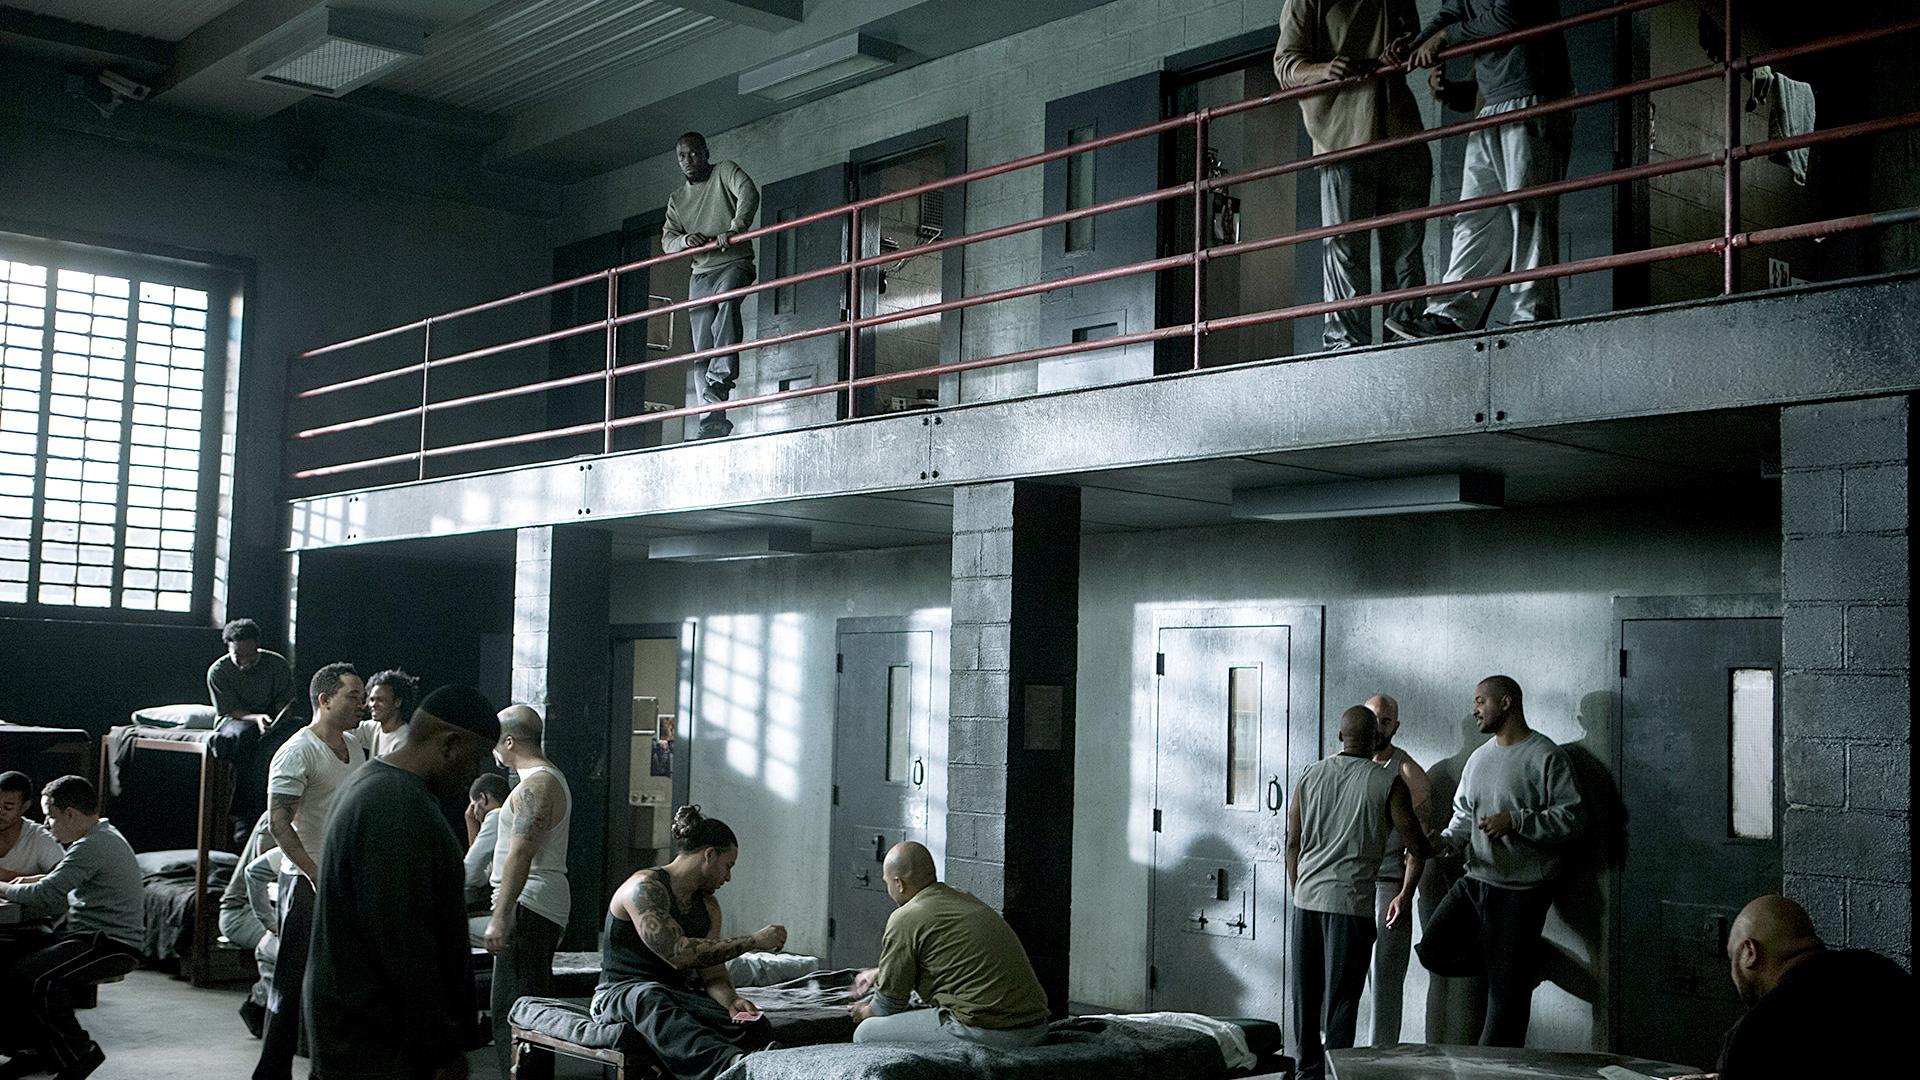 Prison TNO